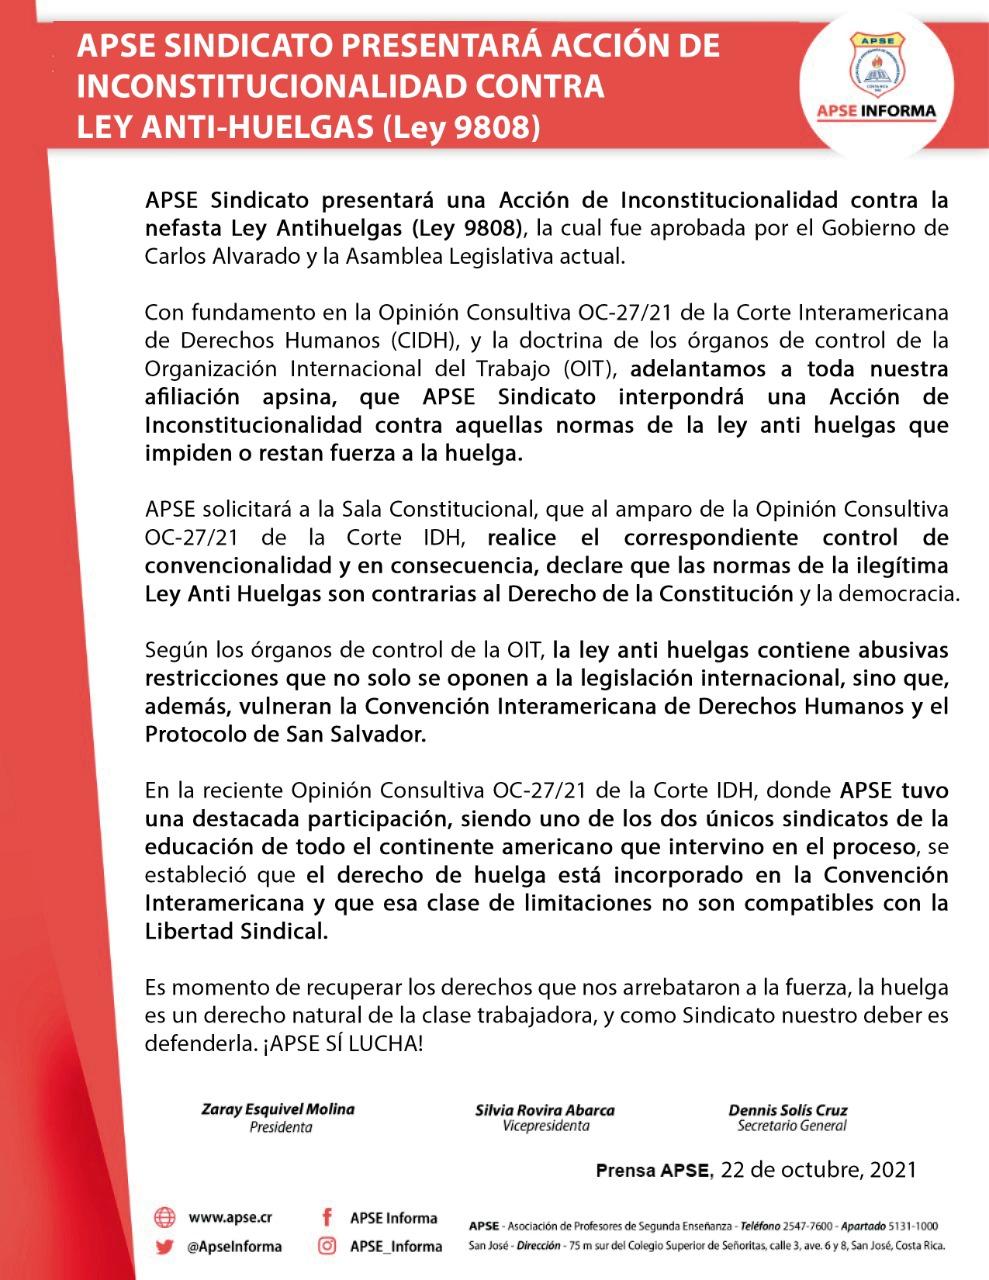 APSE SINDICATO PRESENTARÁ ACCIÓN DE INCONSTITUCIONALIDAD CONTRA LEY ANTI-HUELGAS (Ley 9.808)